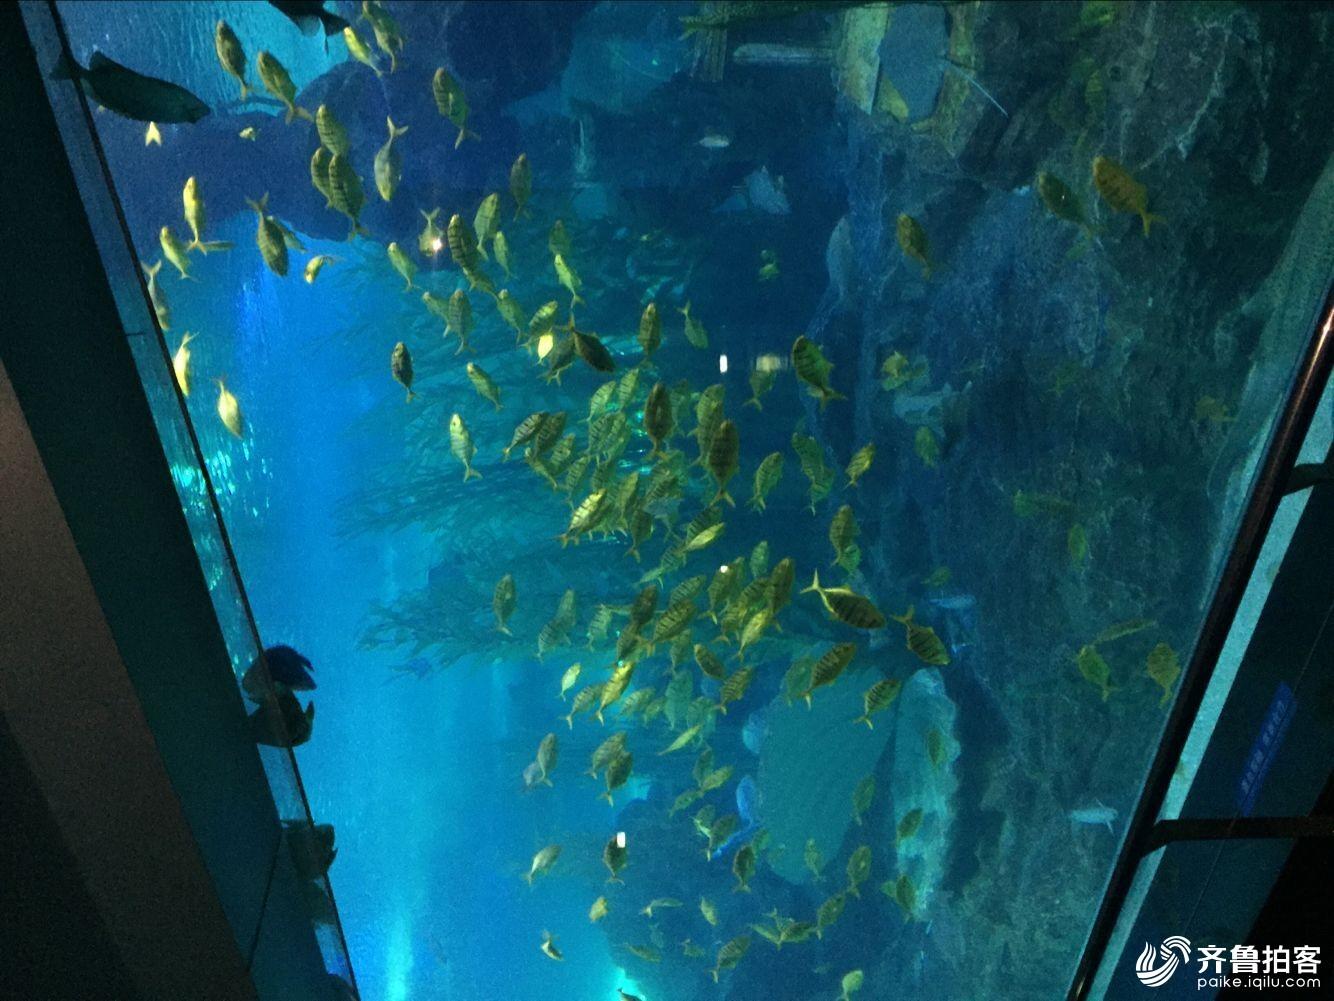 论坛 69 齐鲁拍客团 69 菏泽拍客 69 海底世界  分享到:qq空间